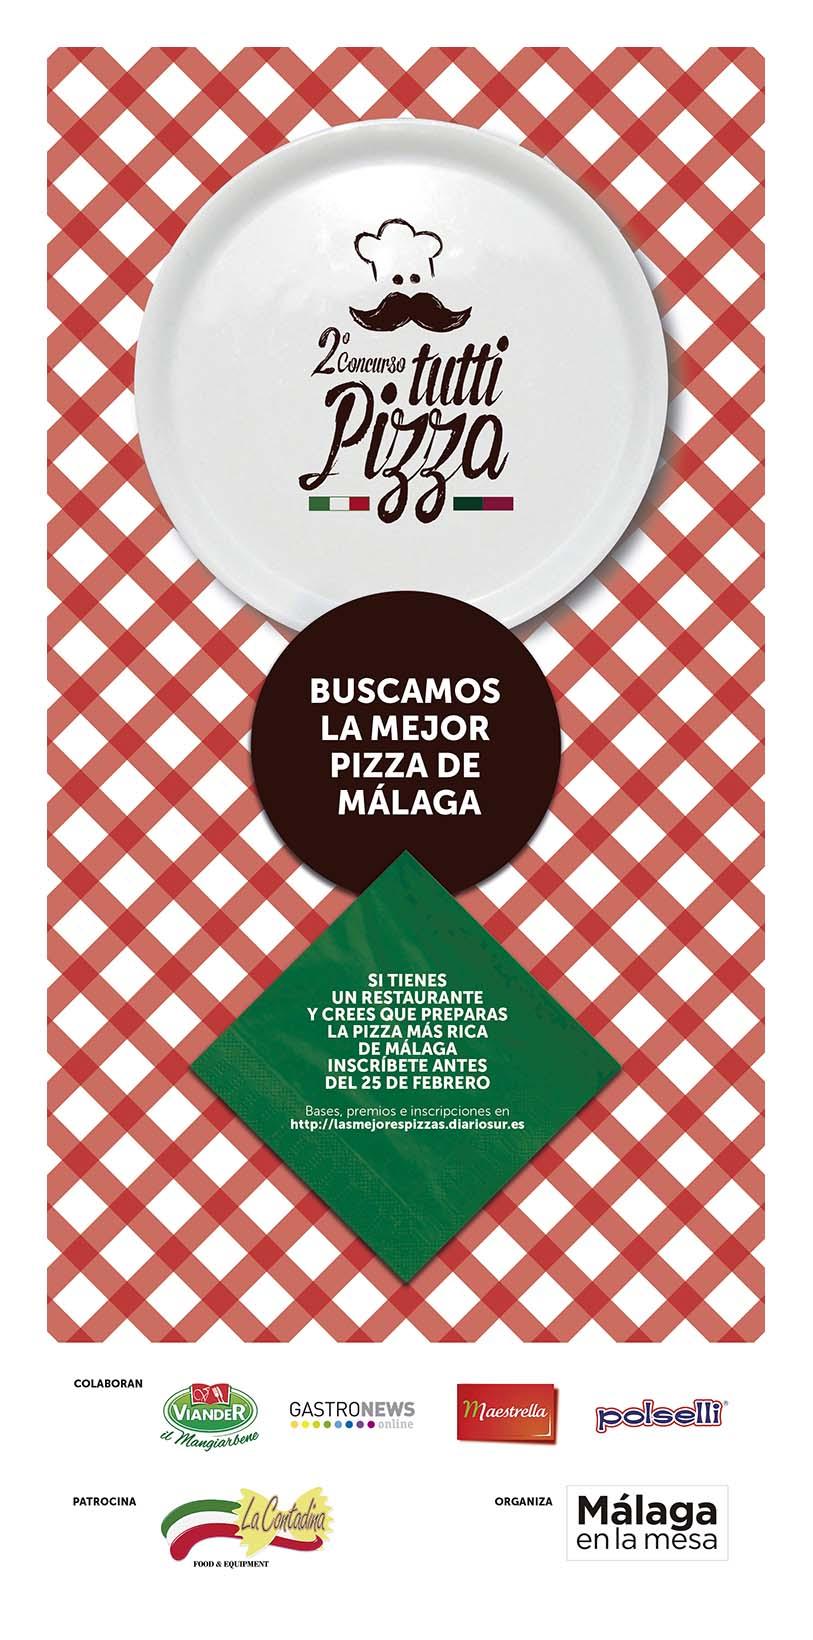 10x3 2TuttiPizza 01 2018 publi